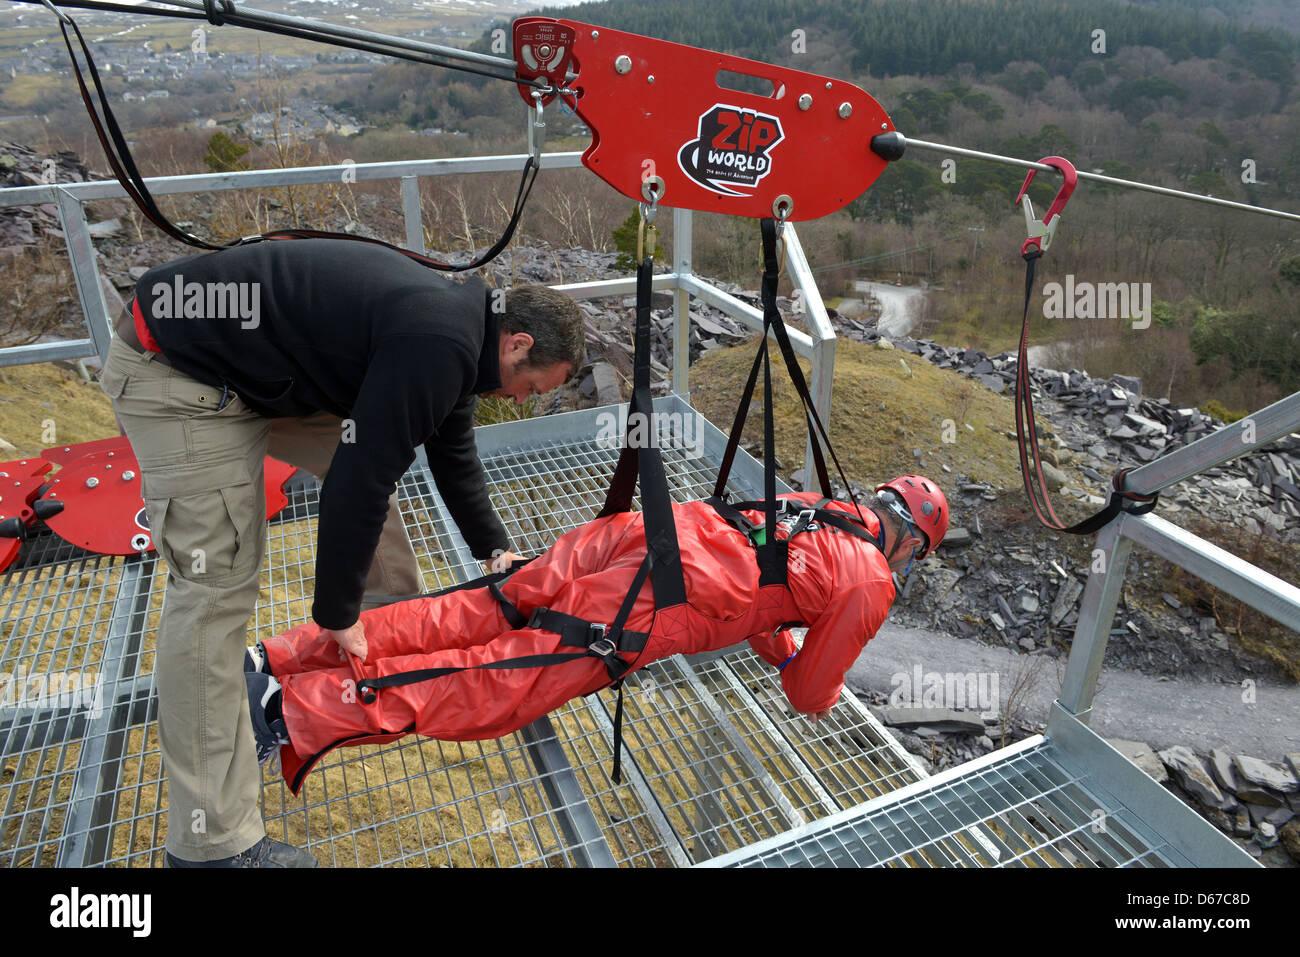 4 man zip wire wales 50cc pit bike wiring diagram ride stock photos images alamy world penrhyn quarry bethesda bangor gwynedd north the fastest